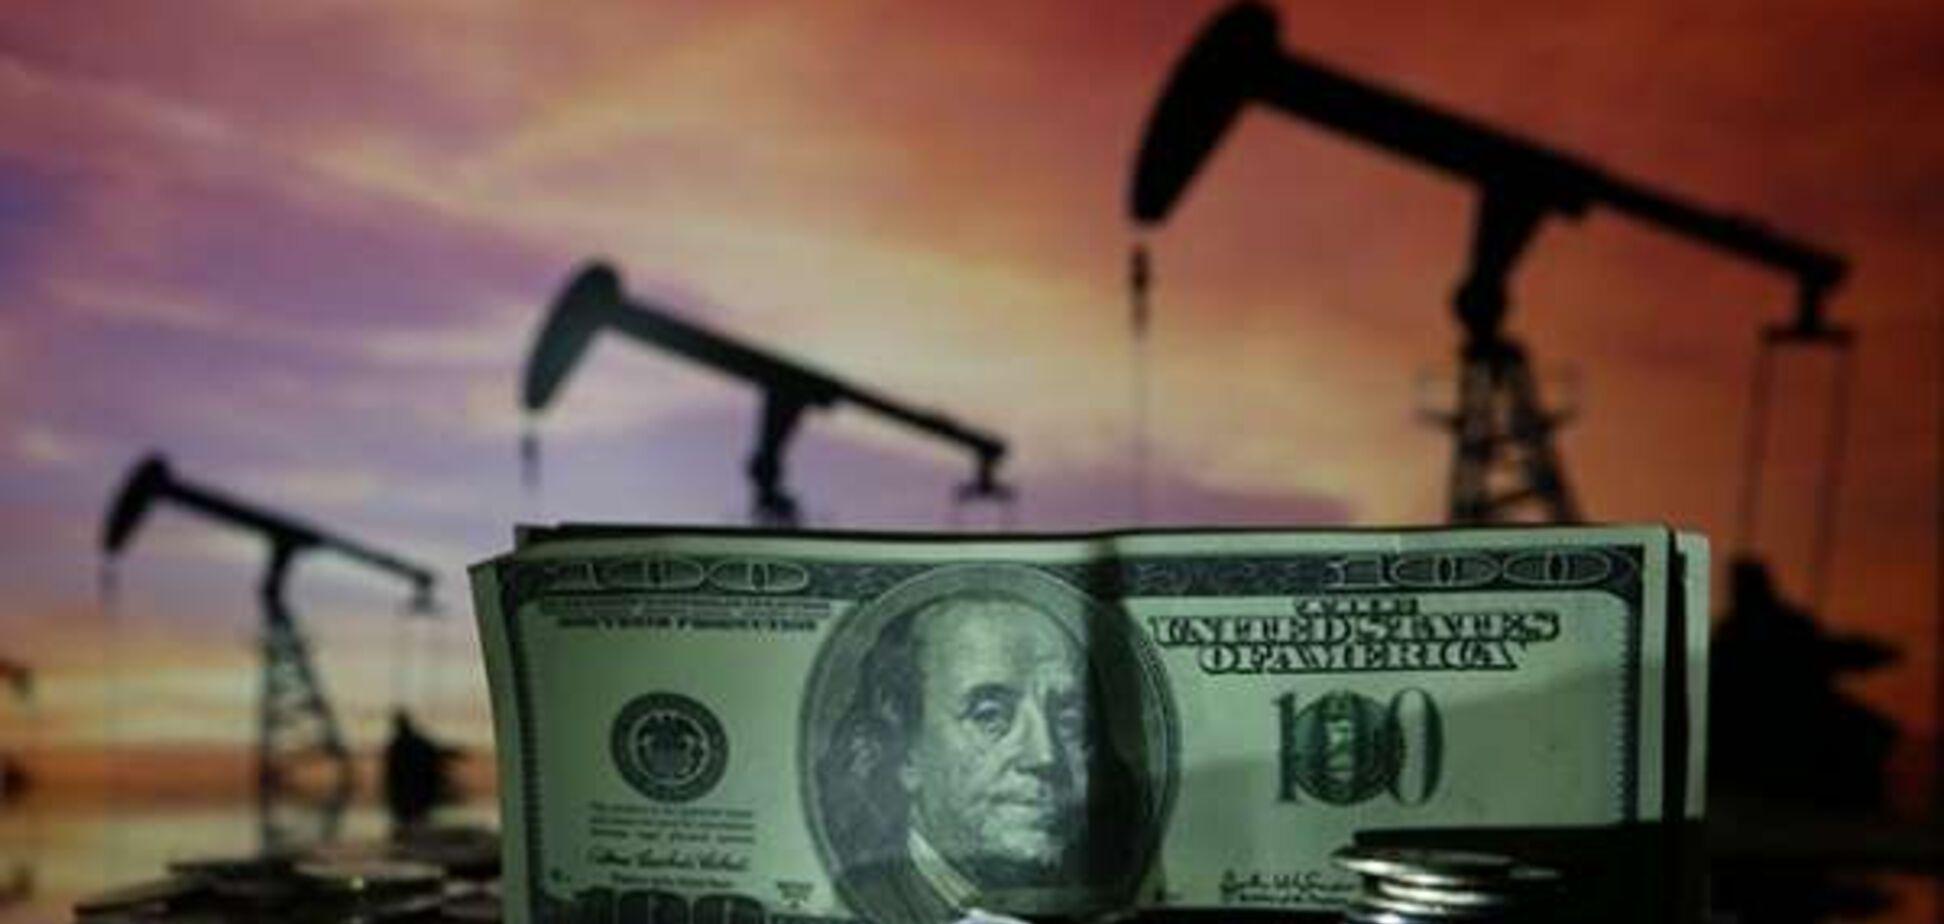 Ціни на нафту сильно впали: вартість WTI обвалилась на 25%